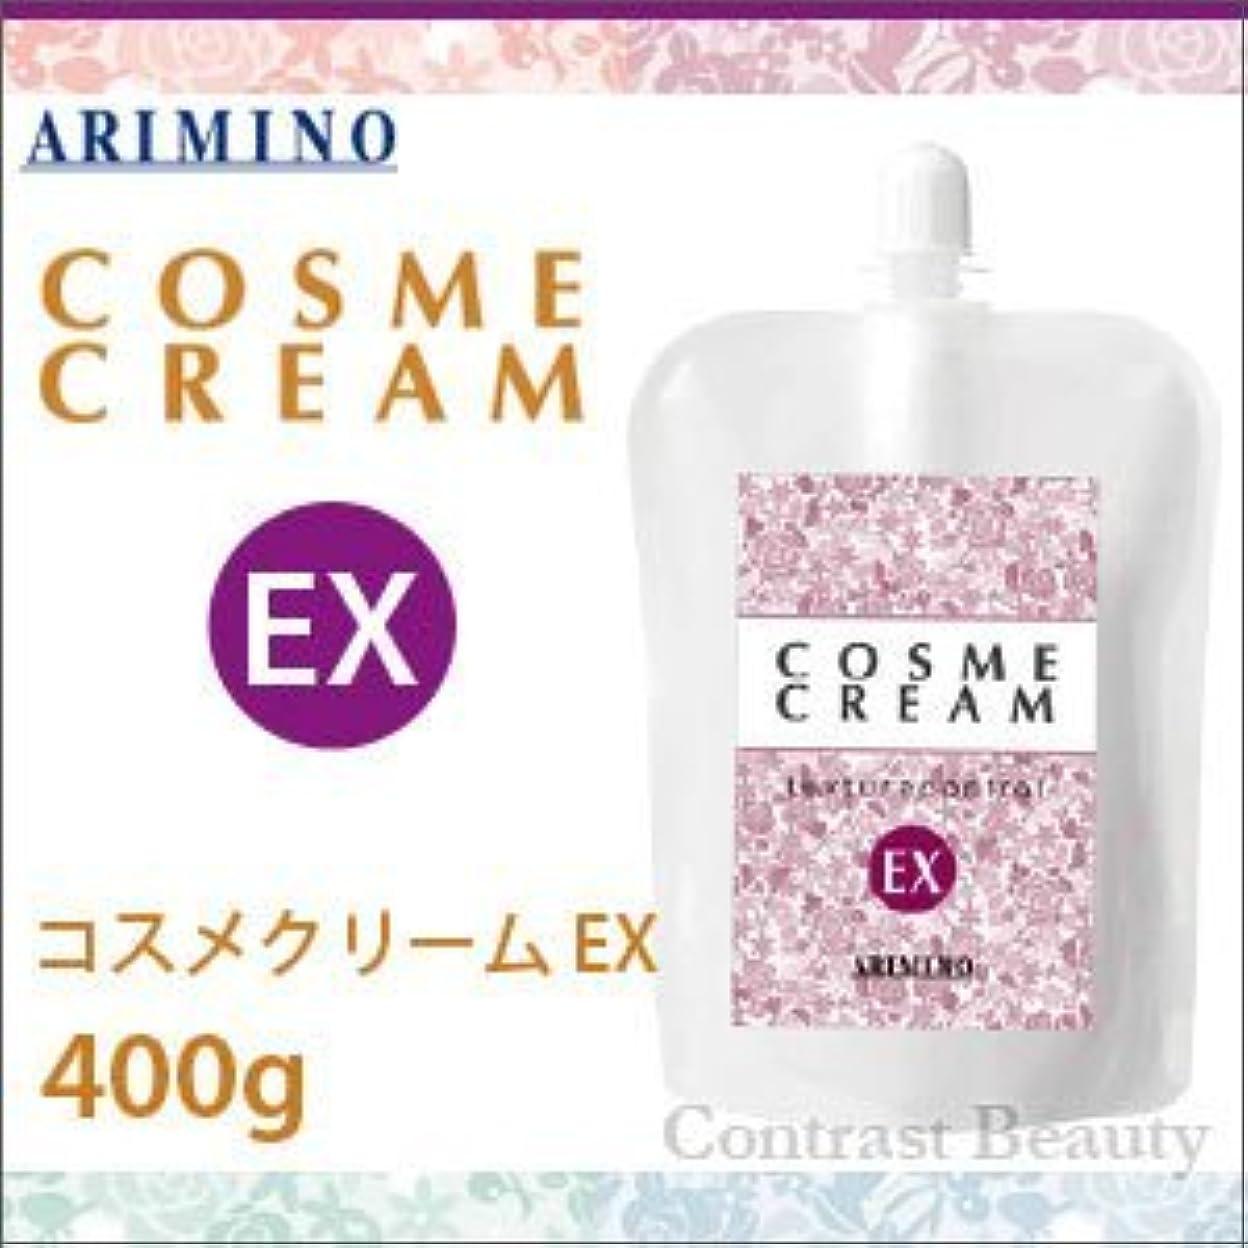 原子炉ドナウ川土砂降りアリミノ コスメクリーム EX 400g